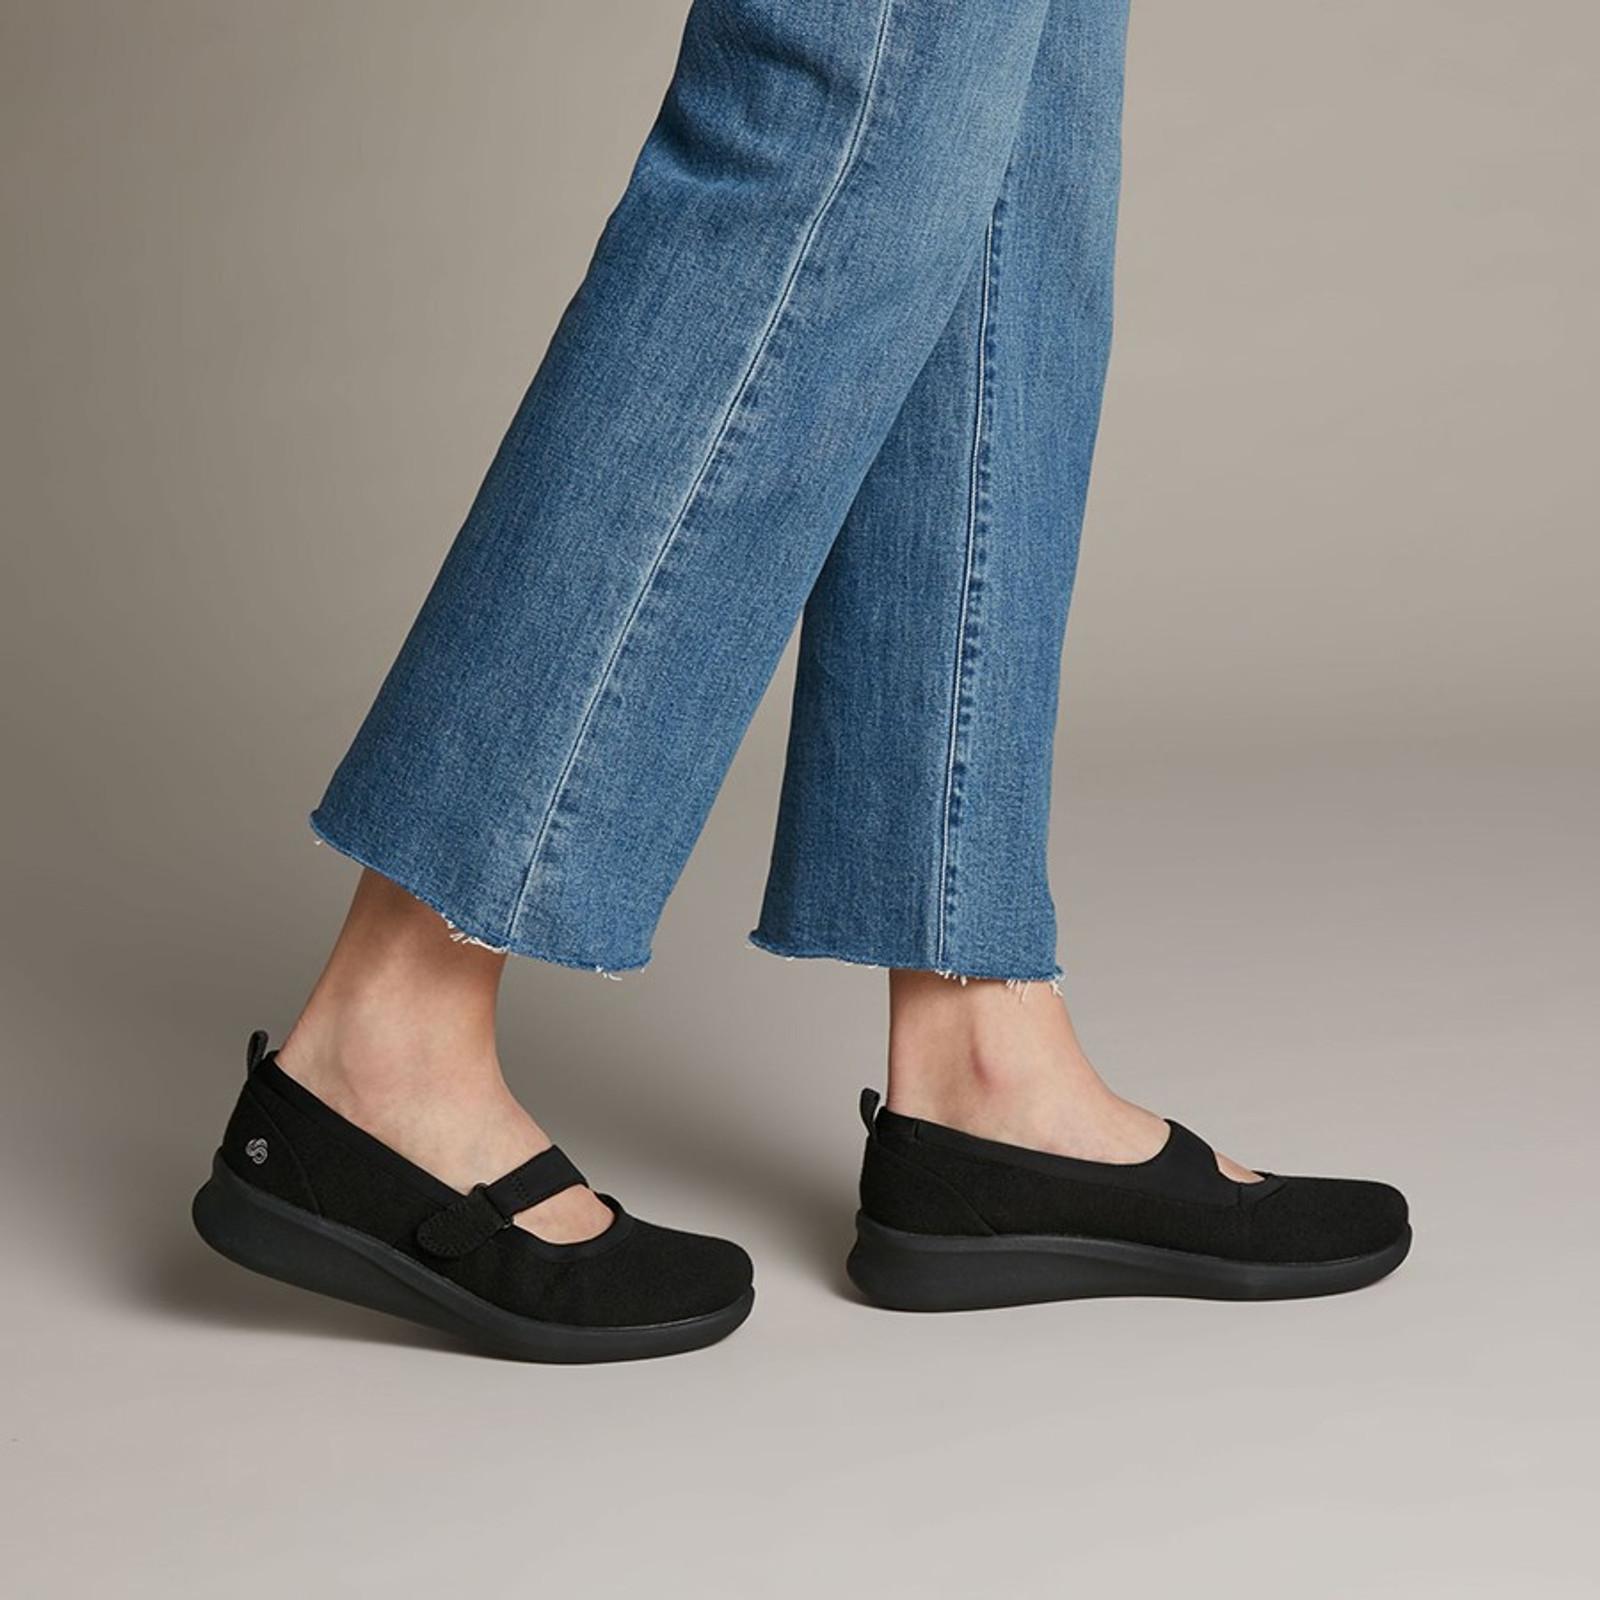 Clarks Womens SILLIAN2.0 SOUL Black Textile